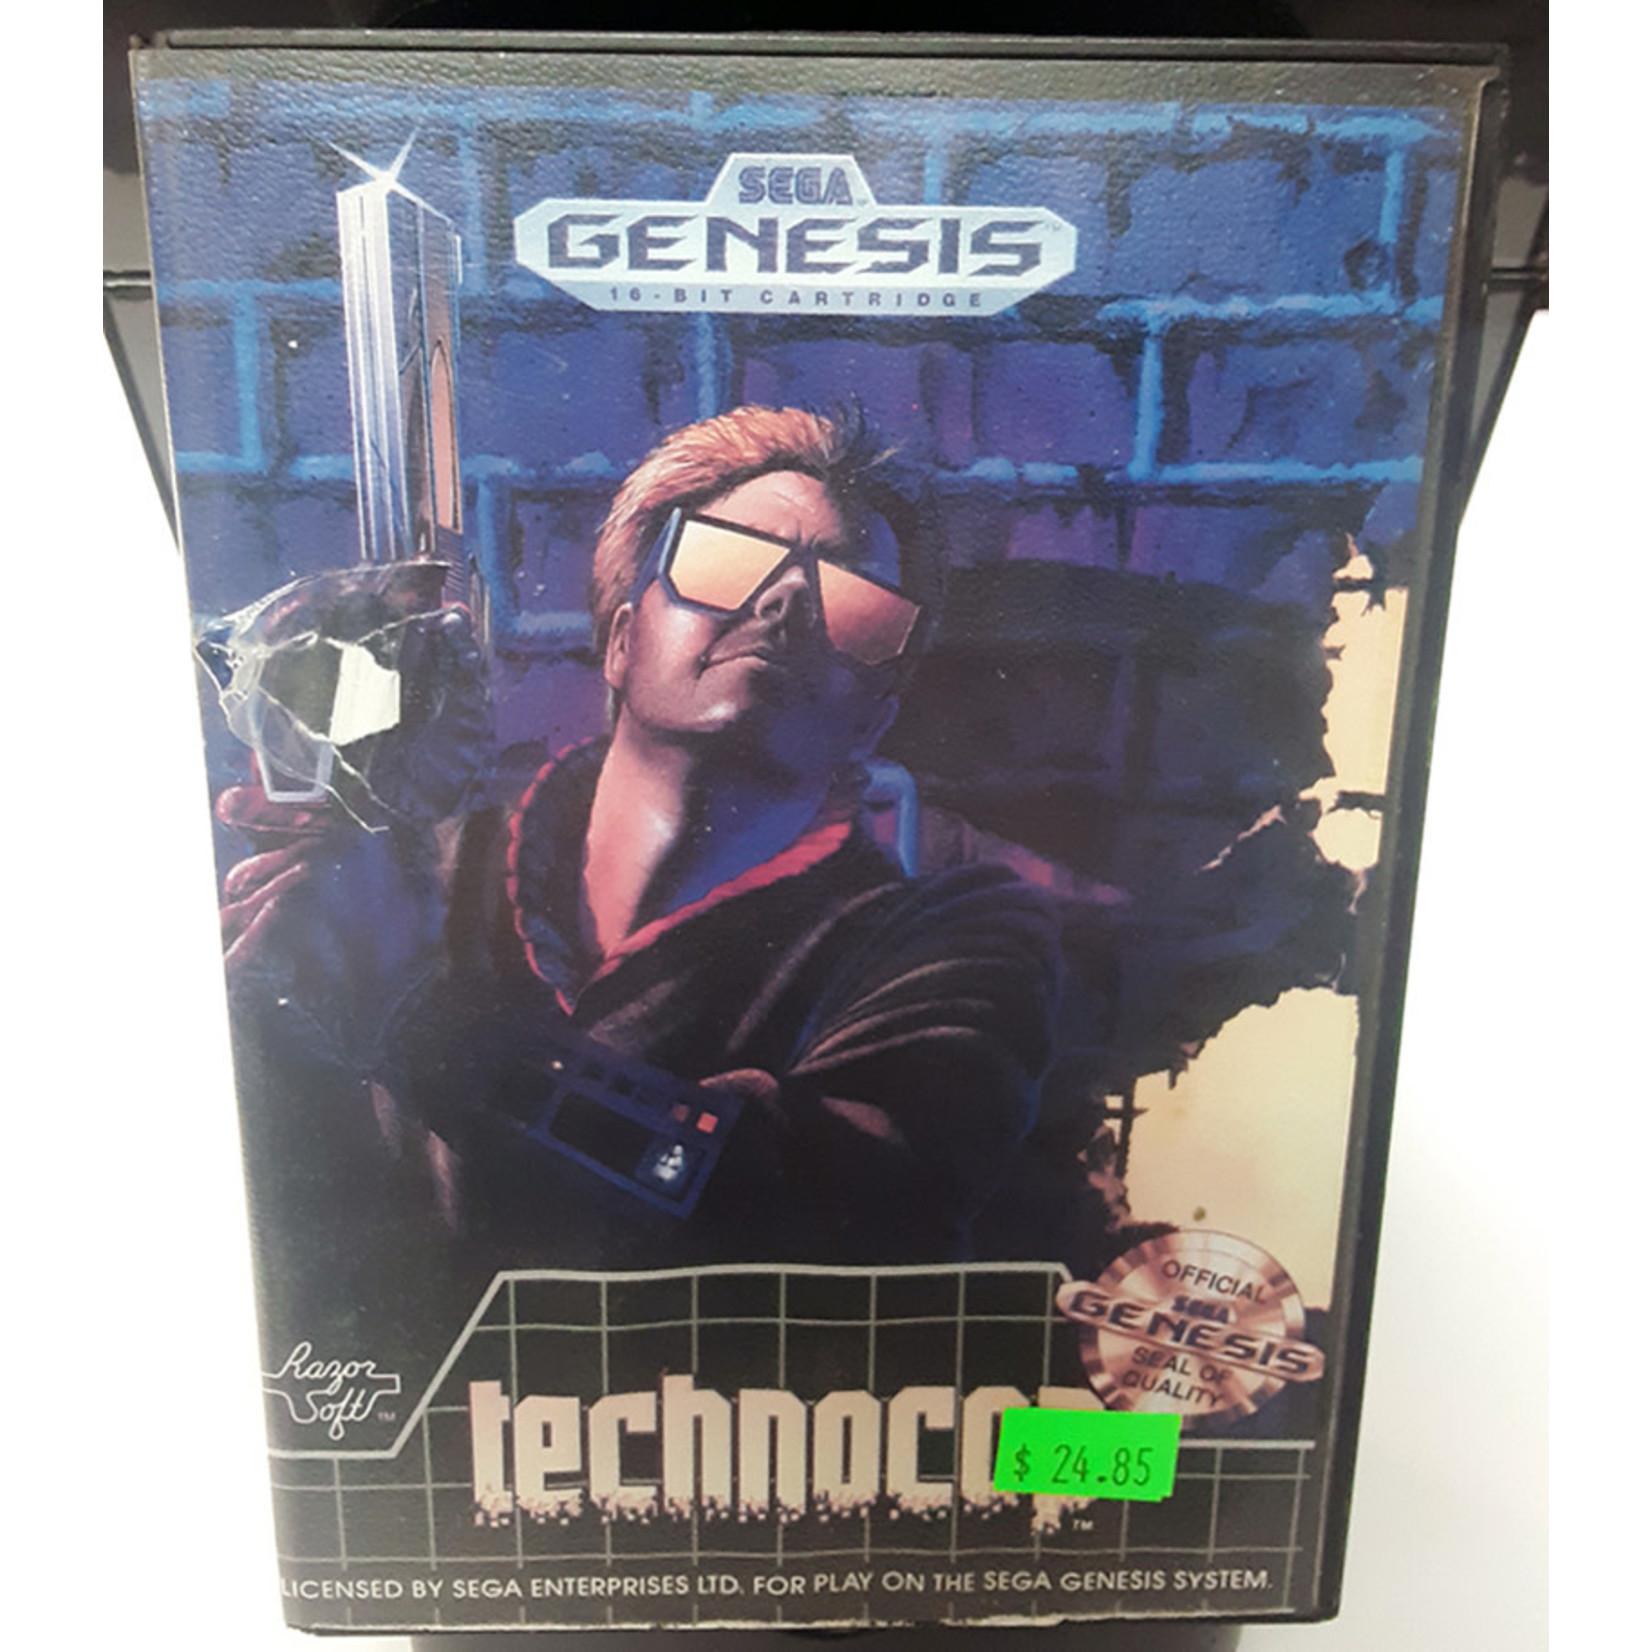 sgu-Technocop (in box)